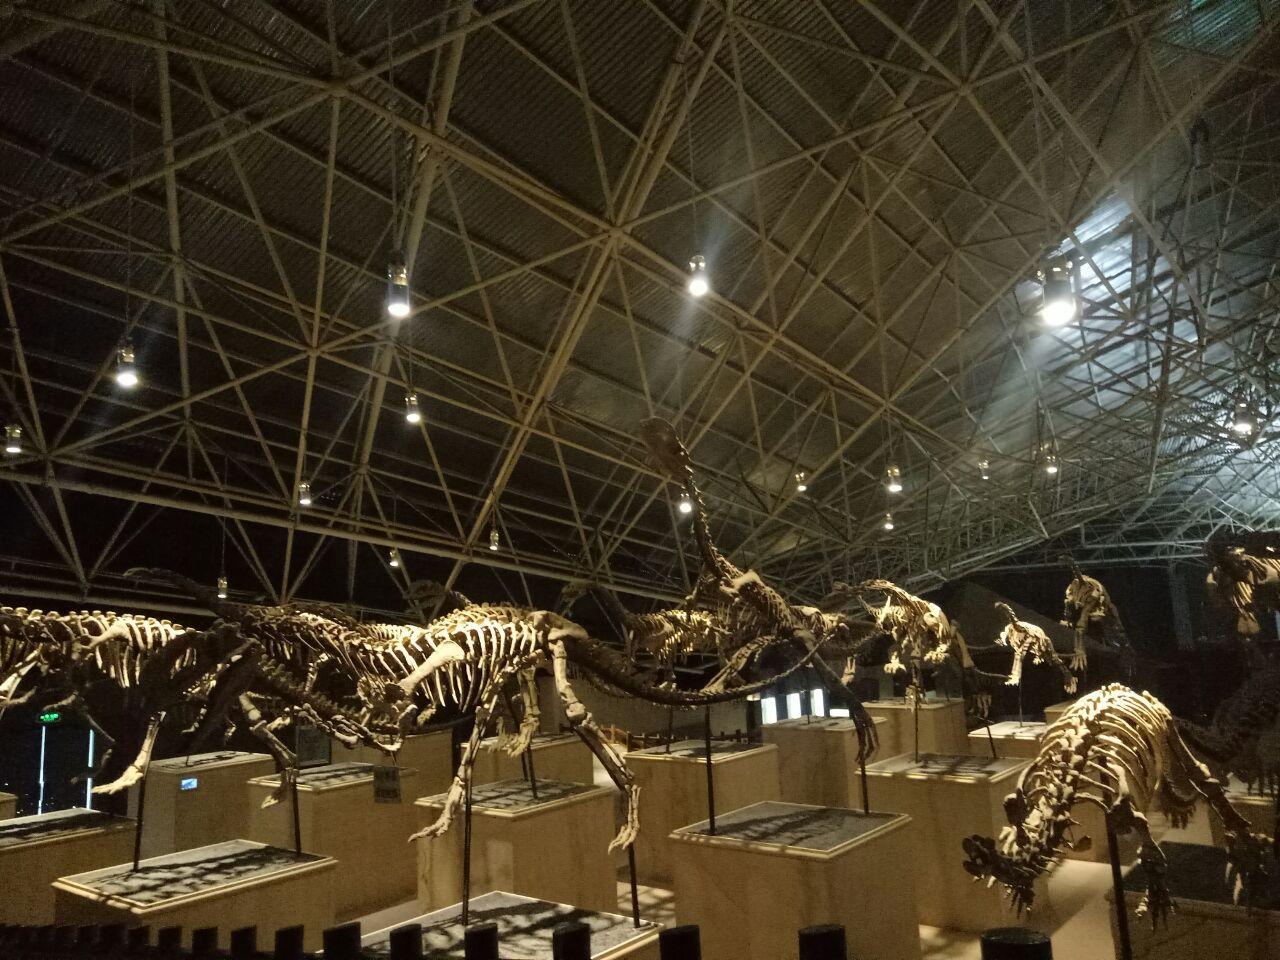 e951a4ec4fa3 Lufeng World Dinosaur Valley | Tickets, Deals, Reviews, Family ...